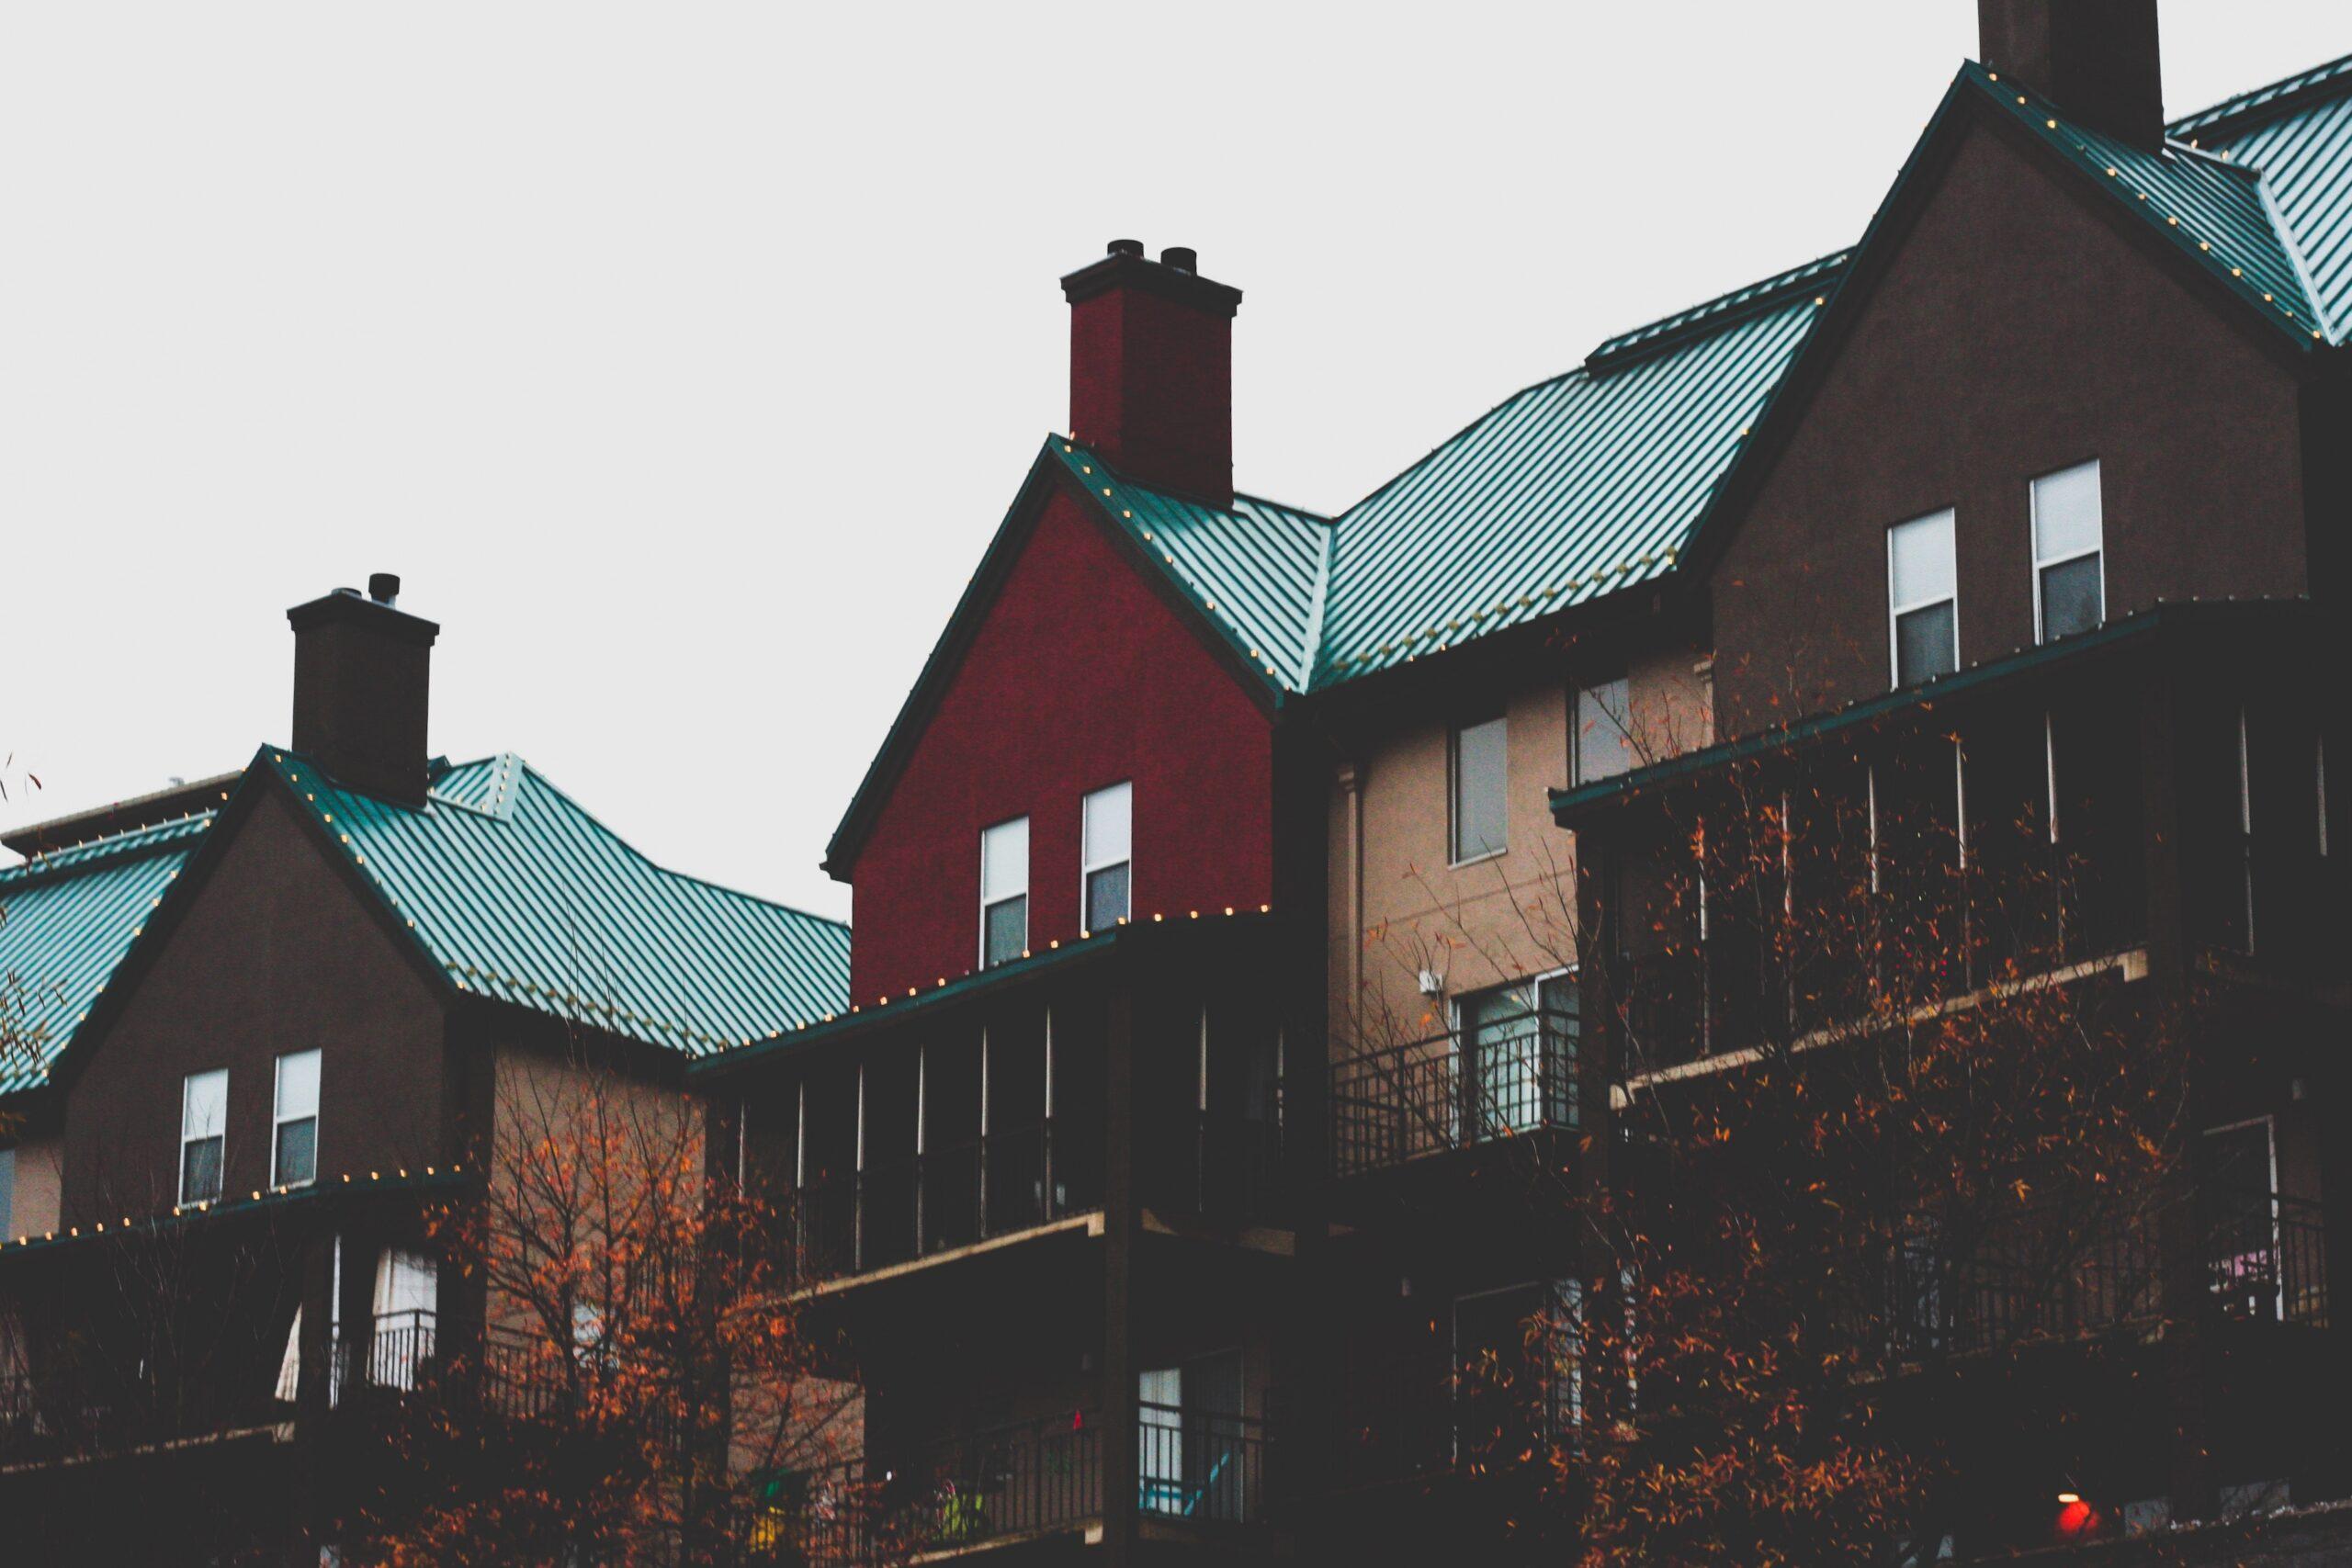 apartment-architect-architectural-architectural-design-293983